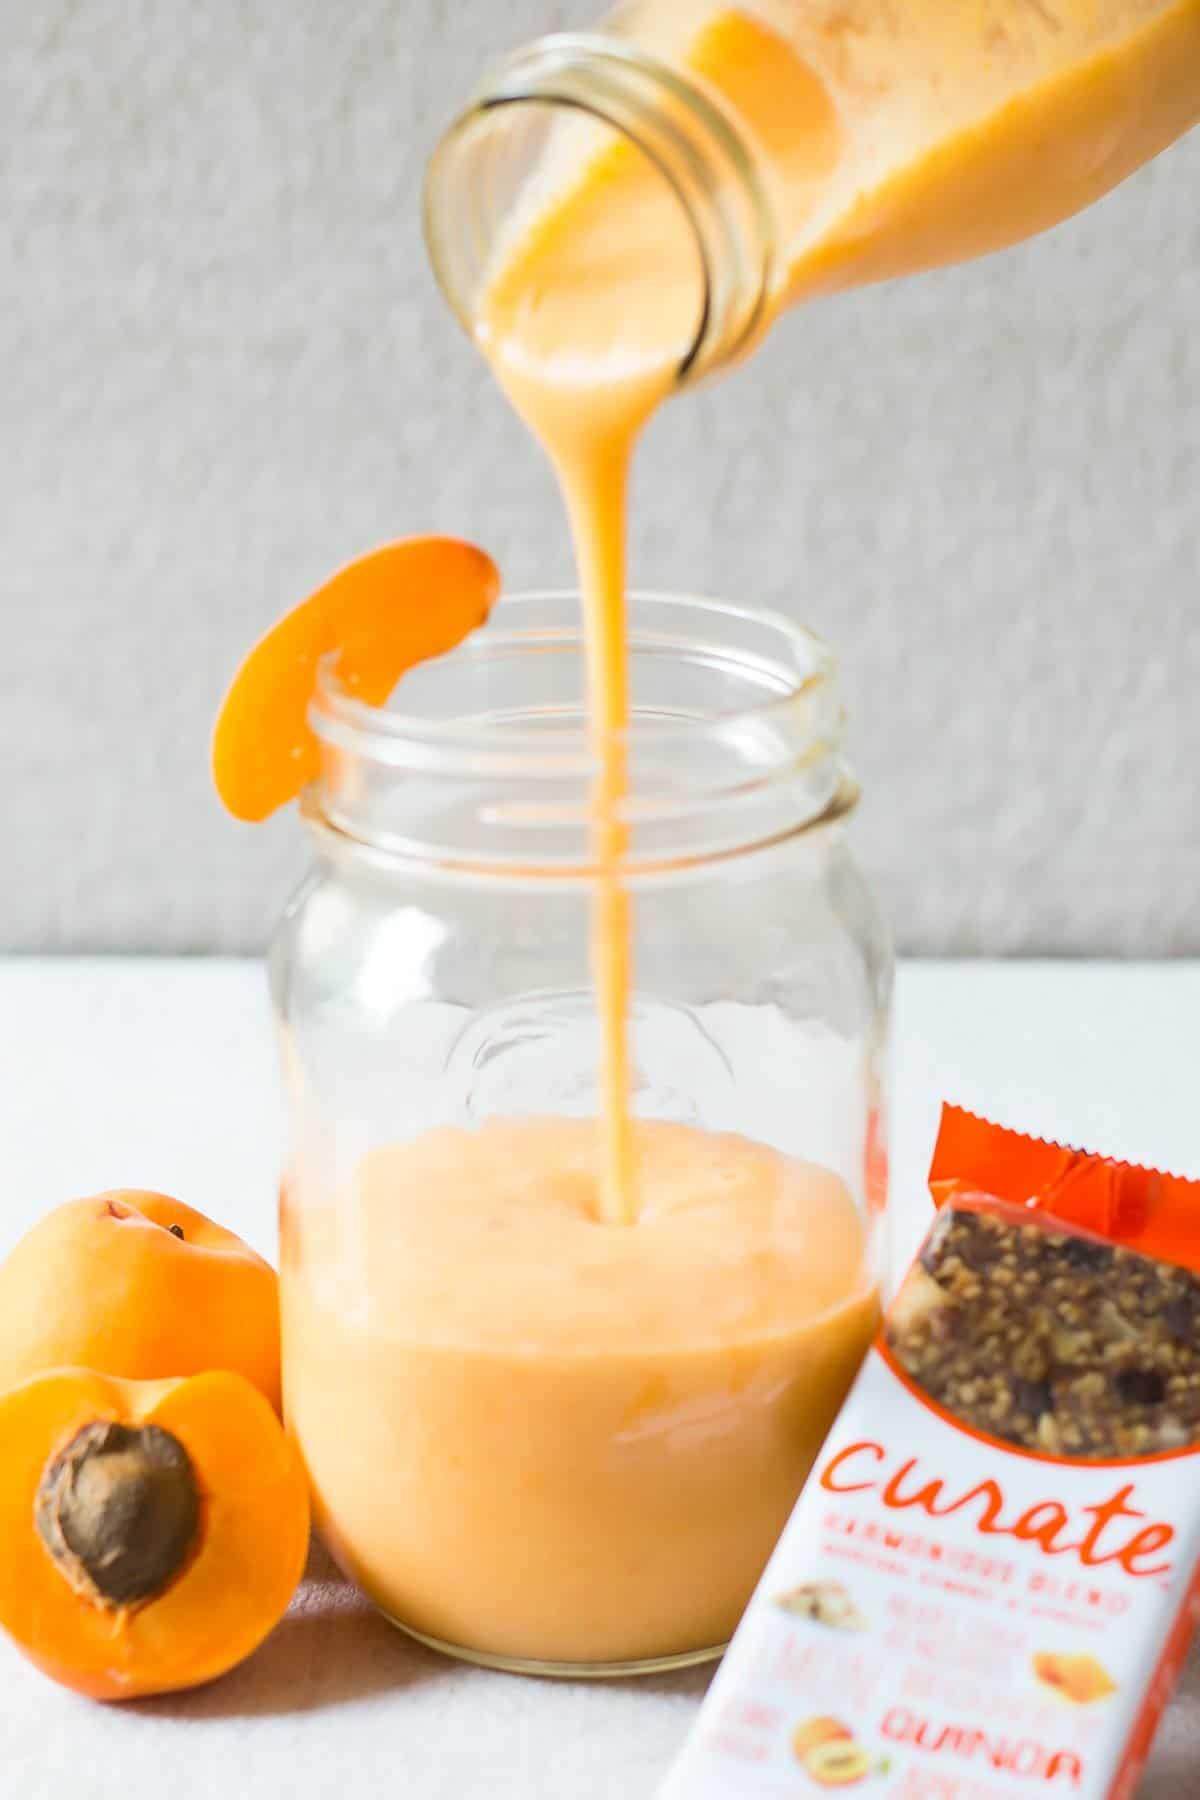 Pouring Almond Milk Apricot Smoothie